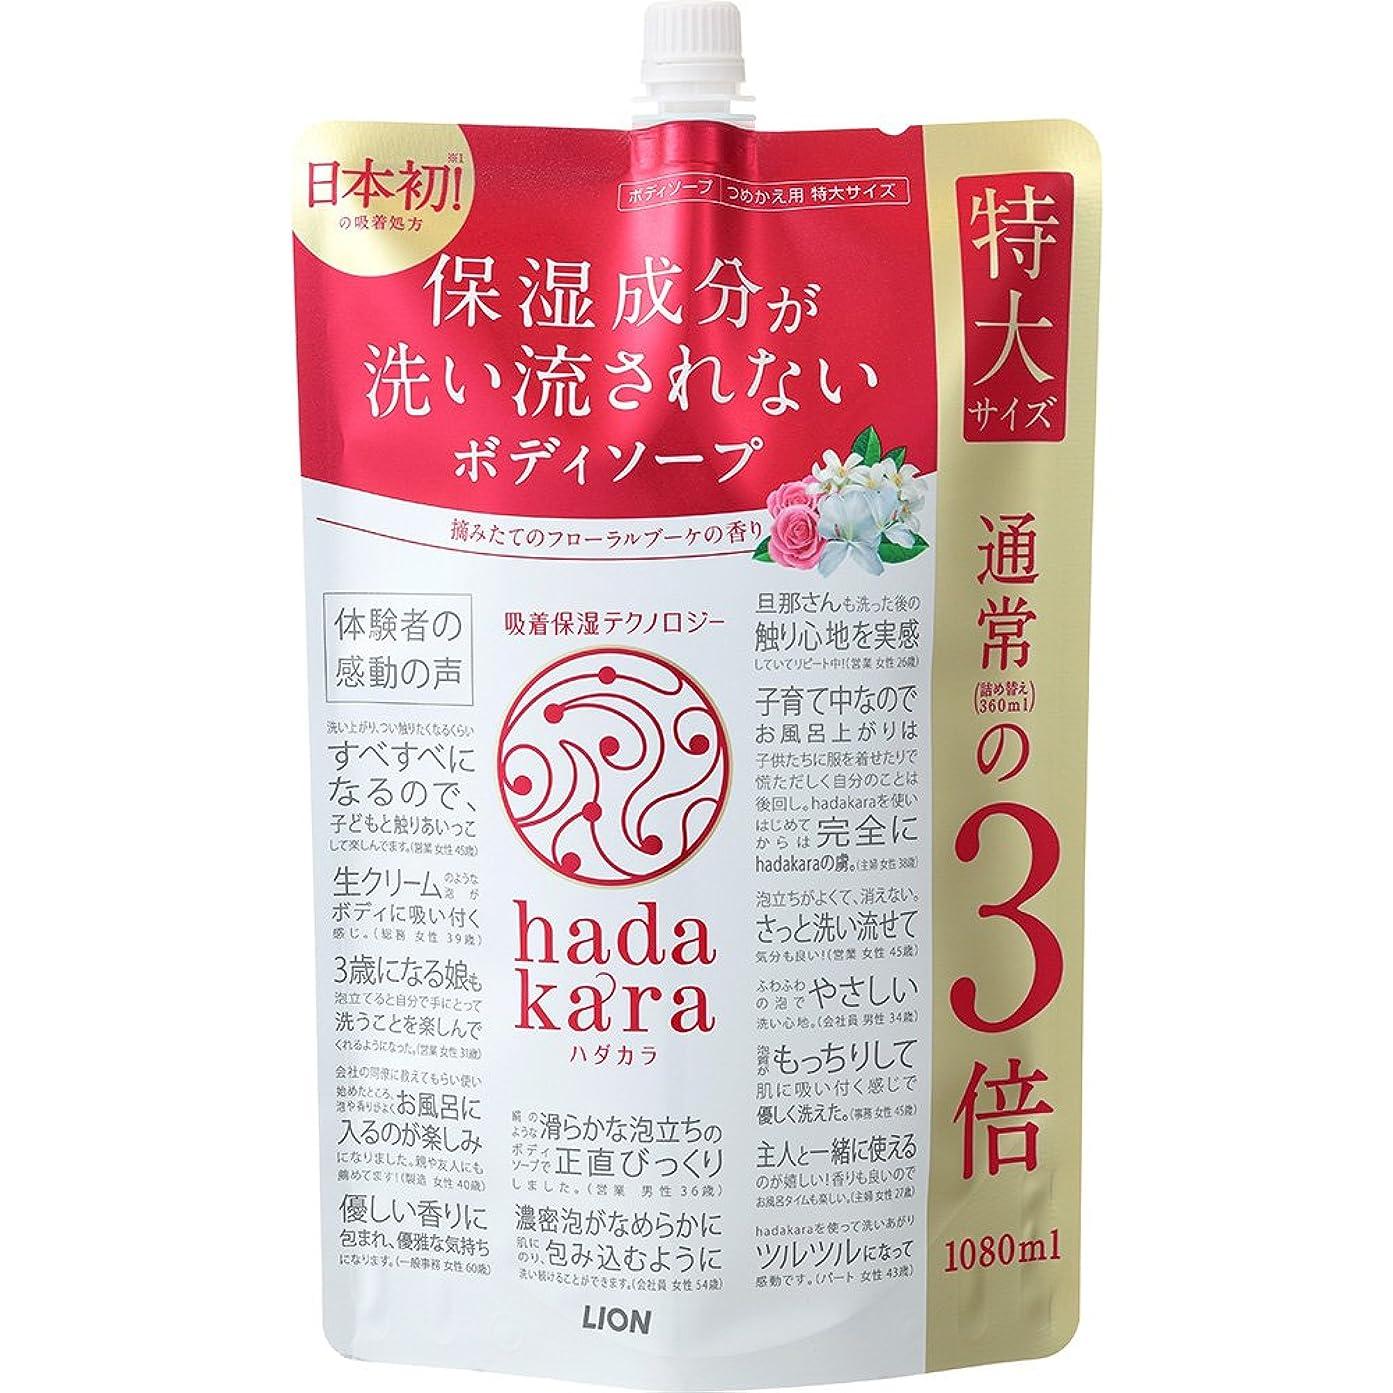 羊飼いエーカー密接に【大容量】hadakara(ハダカラ) ボディソープ フローラルブーケの香り 詰め替え 特大 1080ml